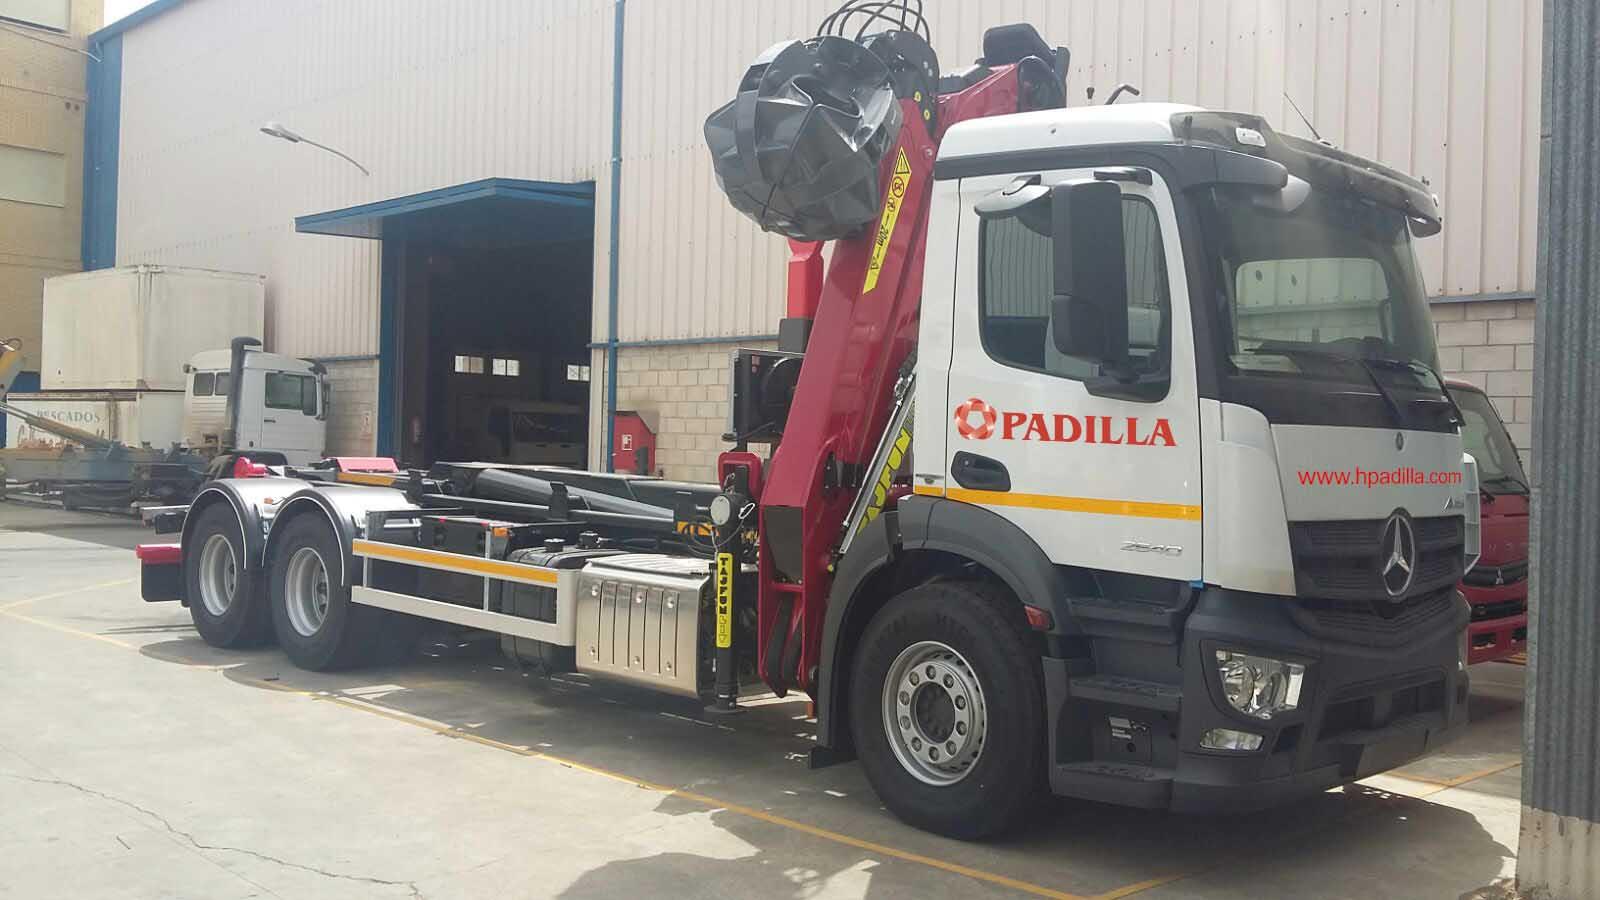 Ampliamo nuestra flota con un nuevo camión